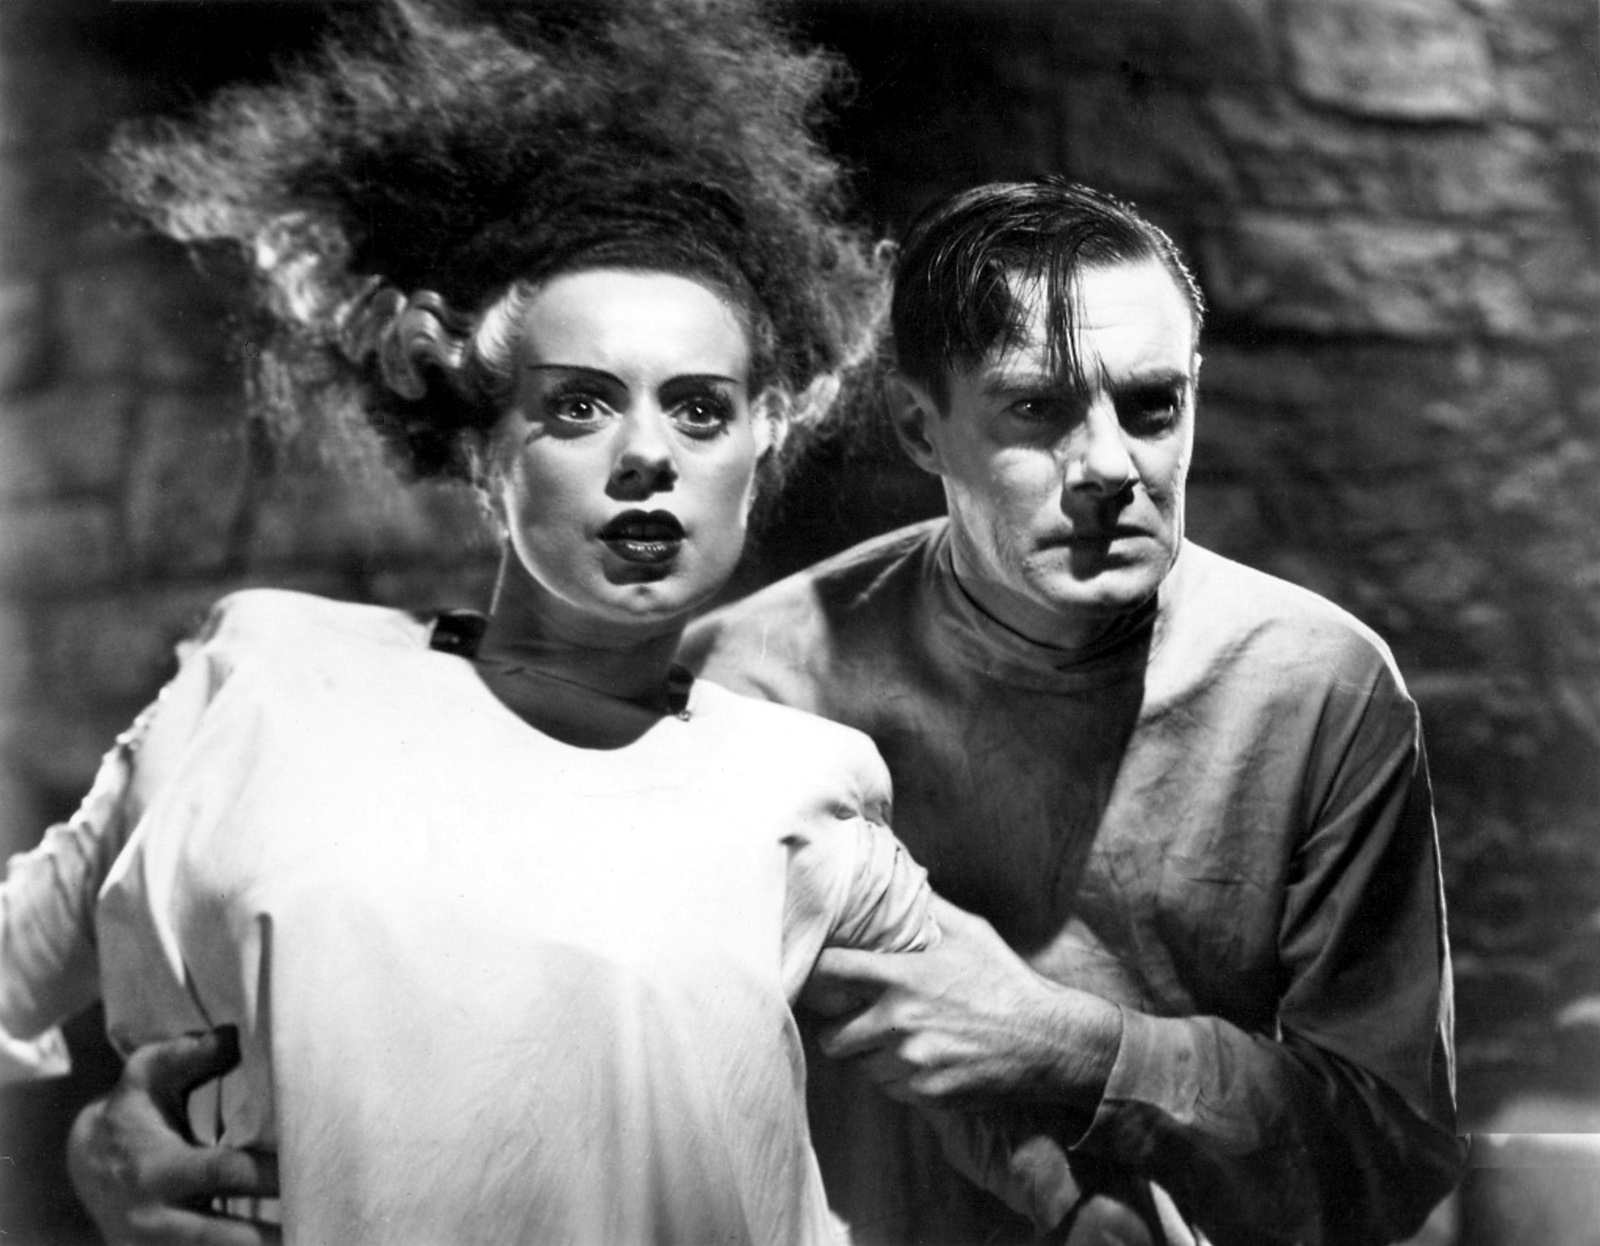 Annex - Lanchester, Elsa (Bride of Frankenstein, The)_02